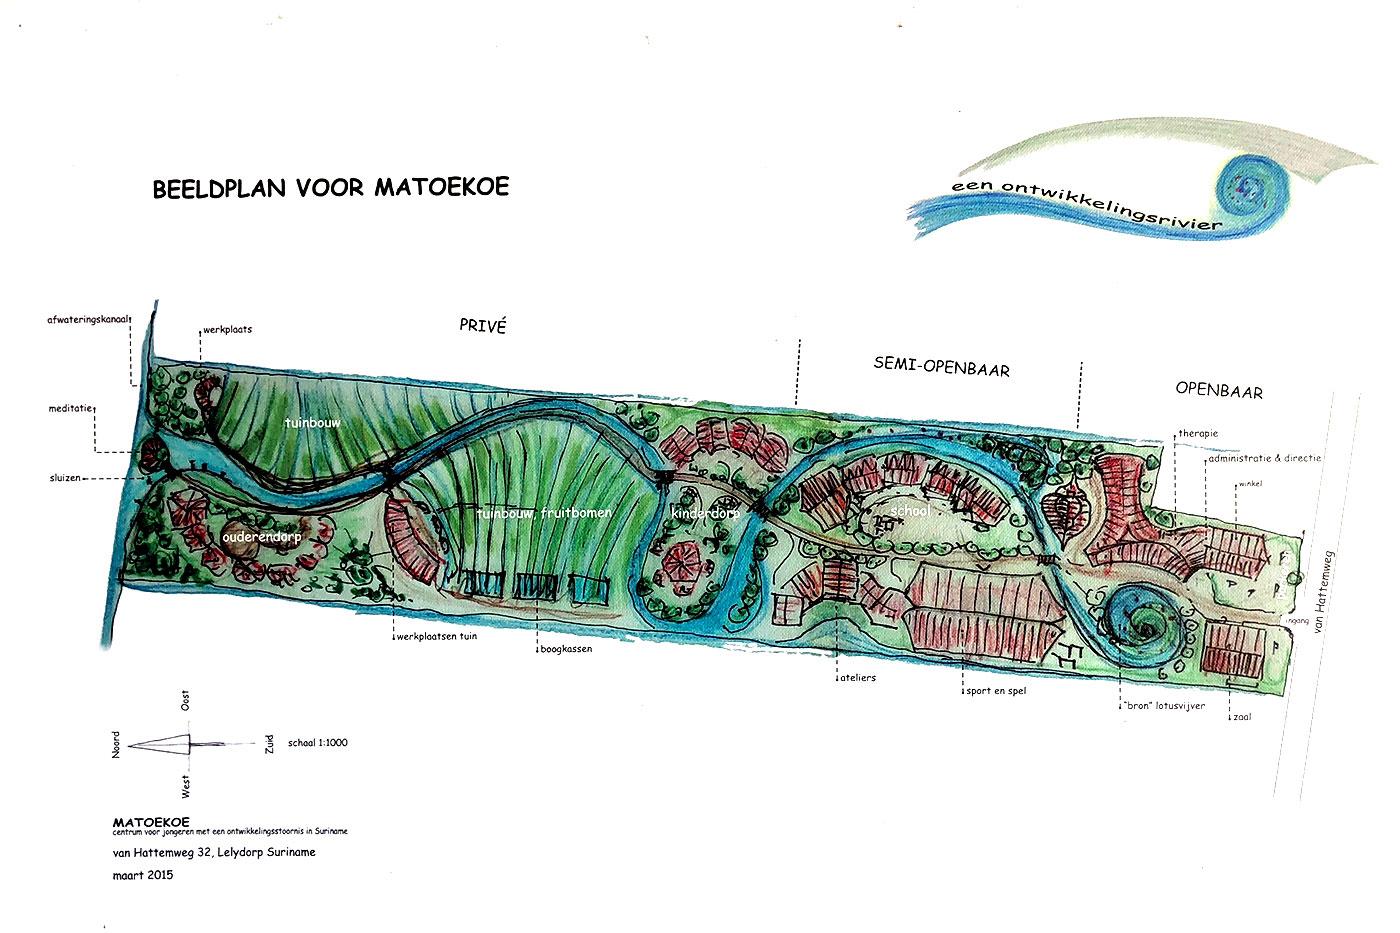 Beeldplan van het terrein met veel groen en hout en organische vormen.